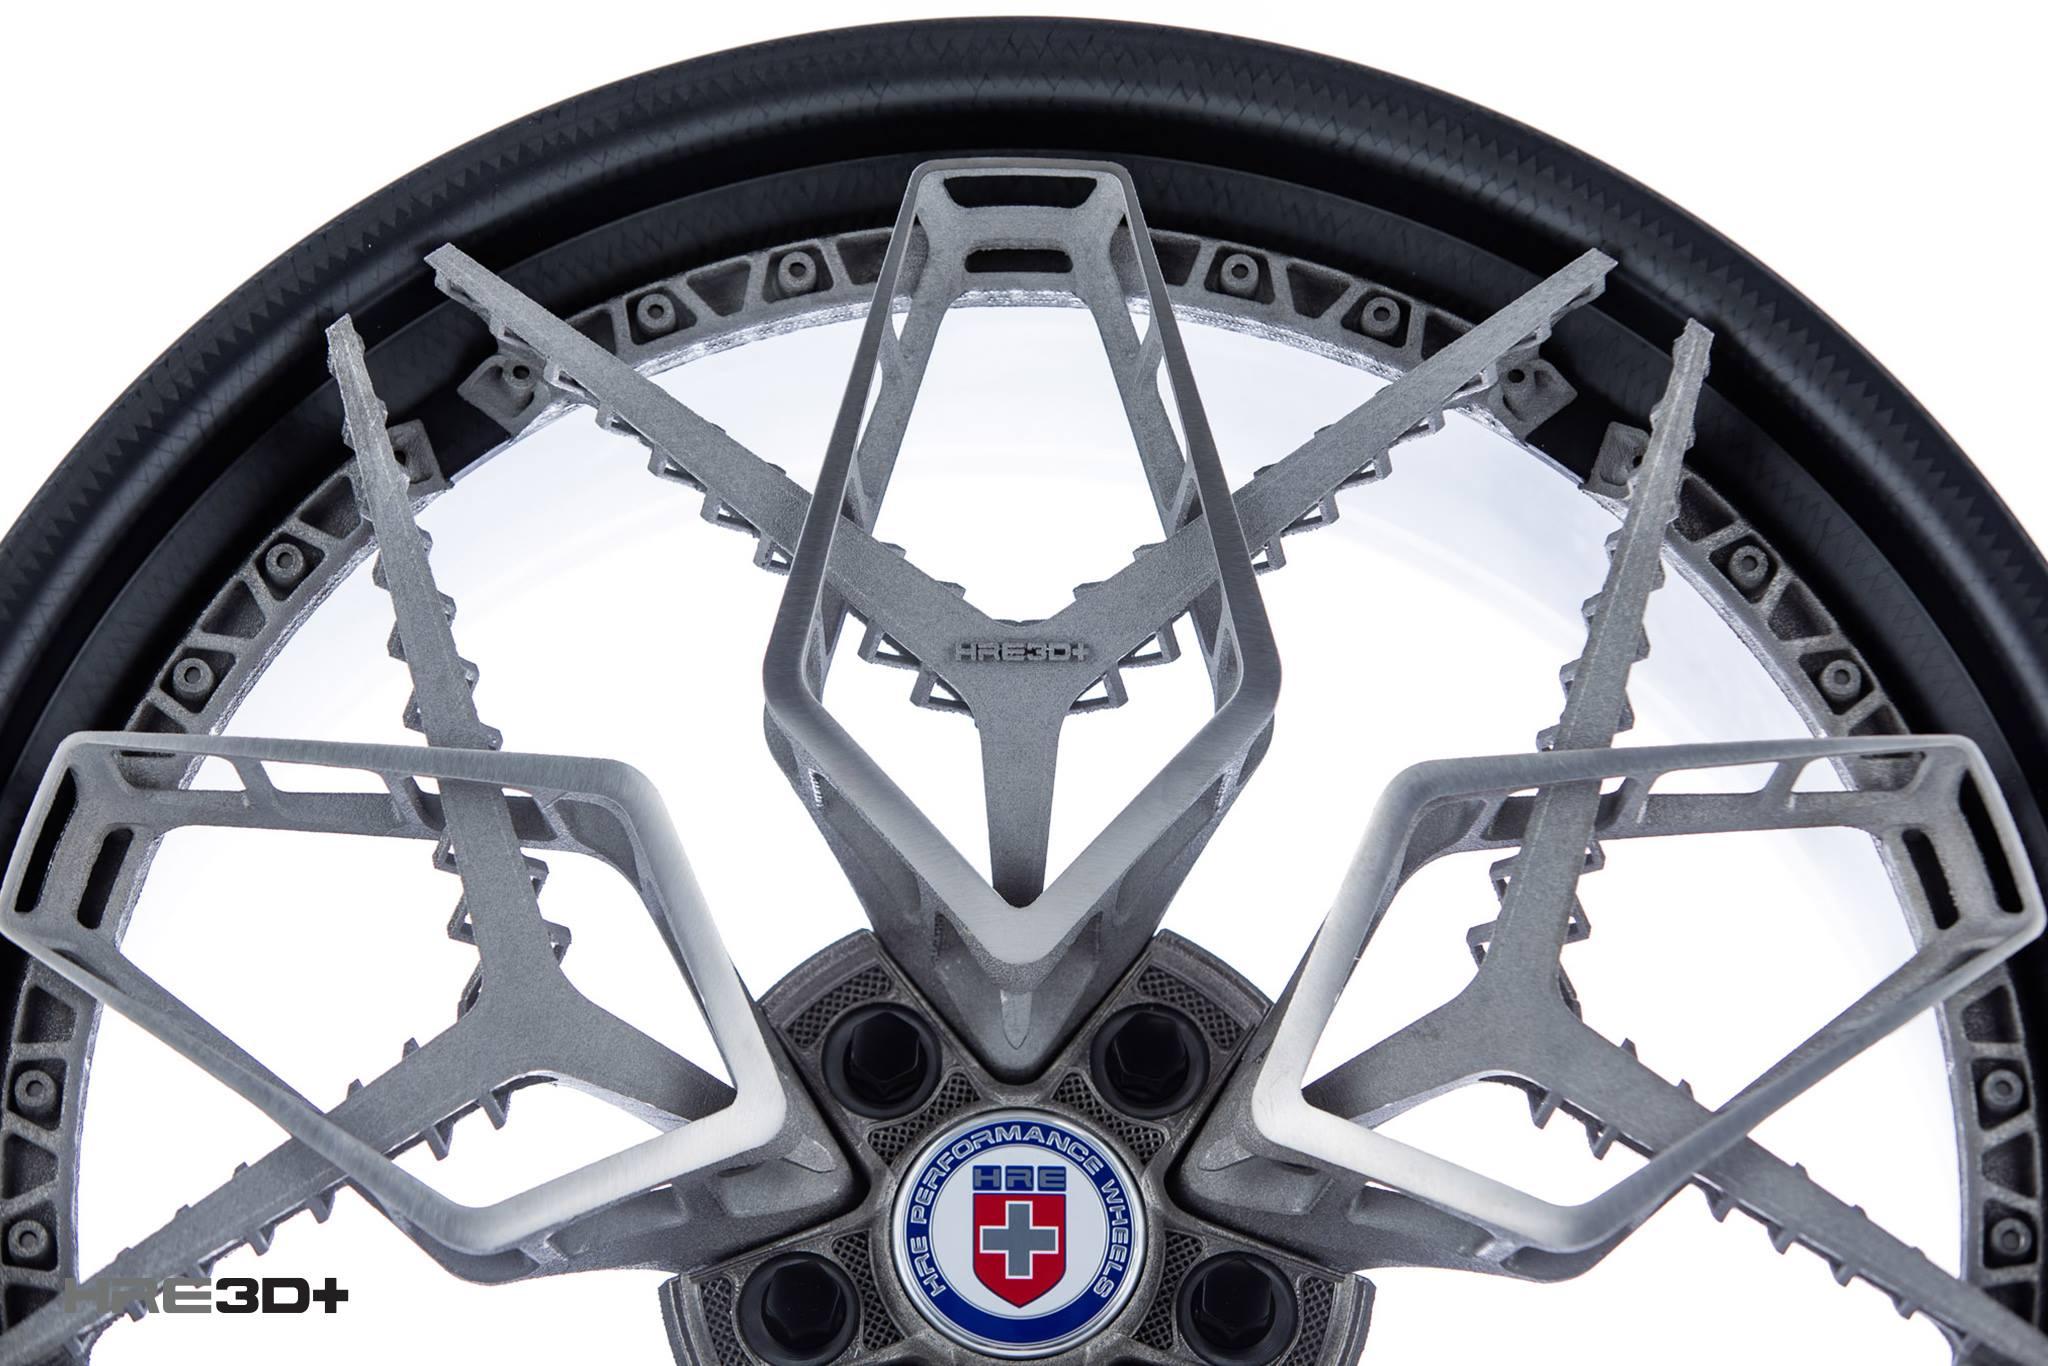 Самые необычные колесные диски напечатали на 3D-принтере